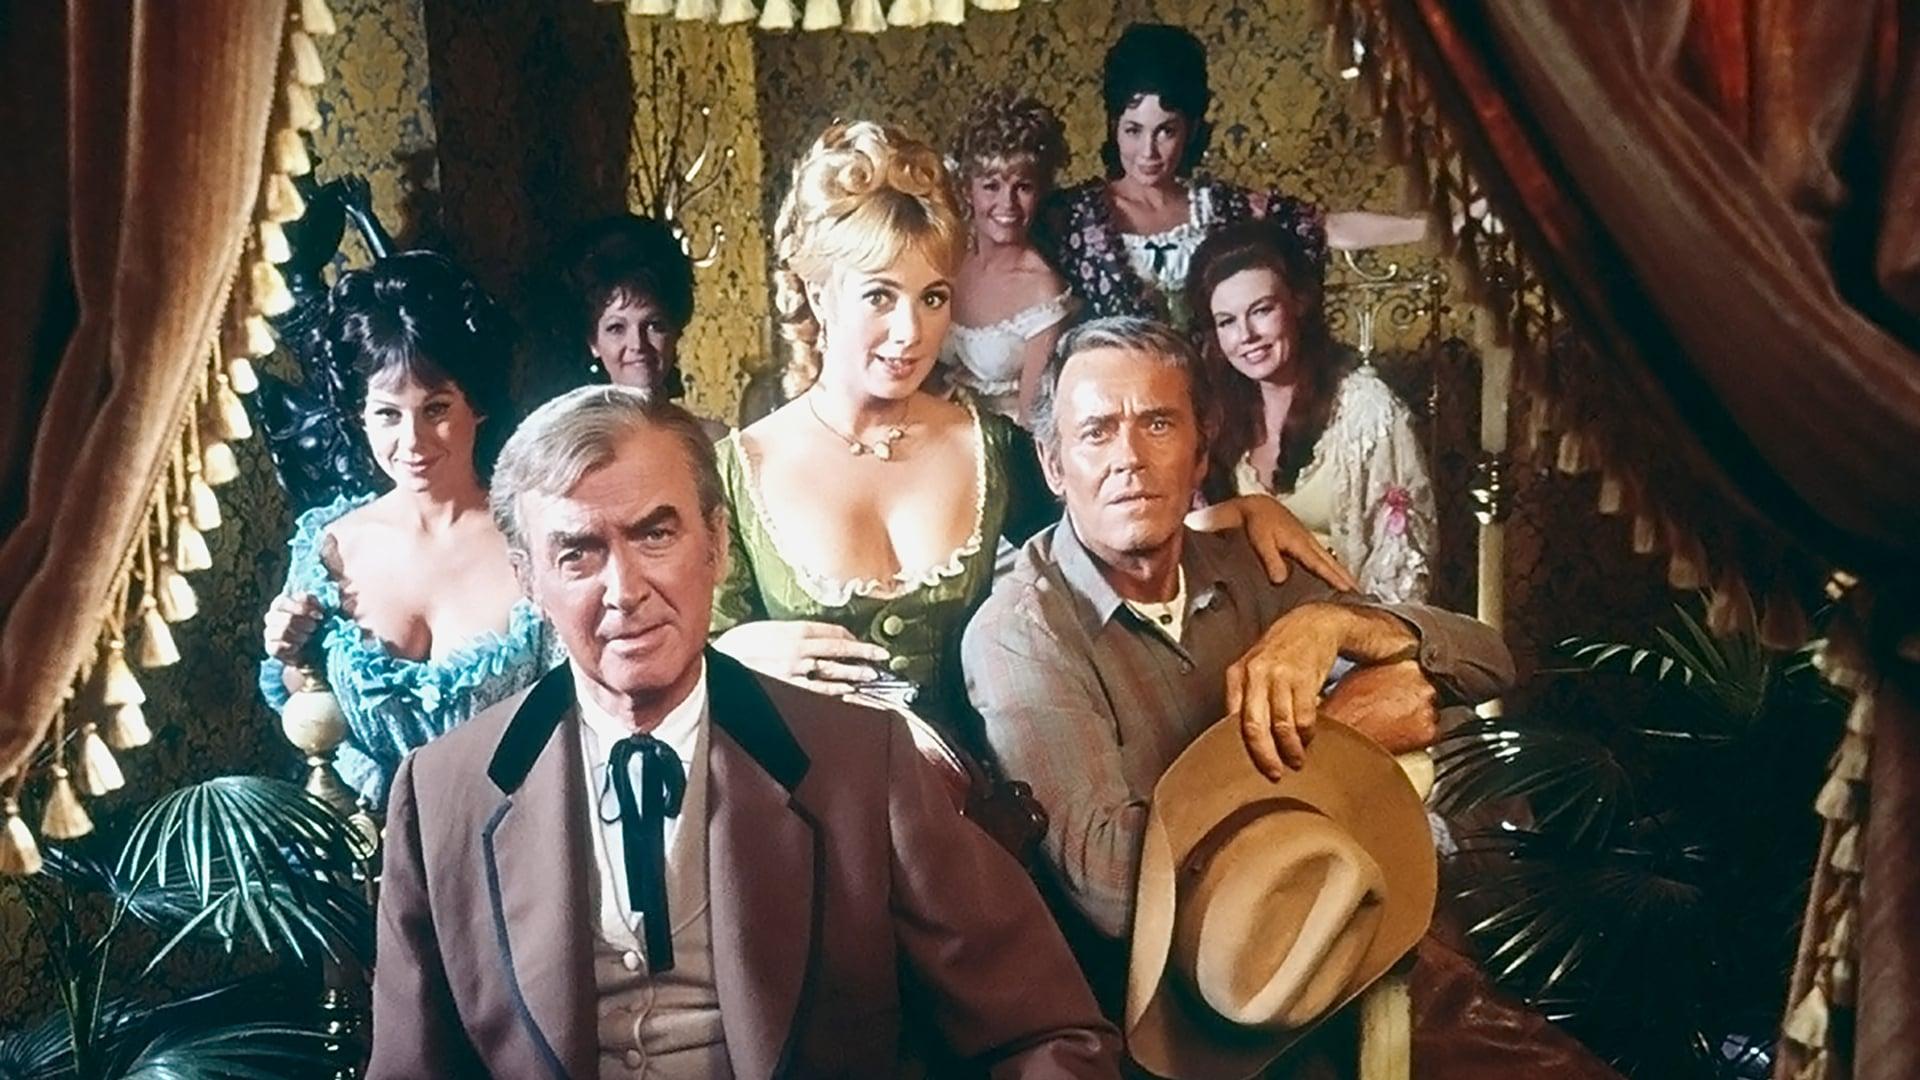 Watch The Cheyenne Social Club 1970 Free Solar Movie